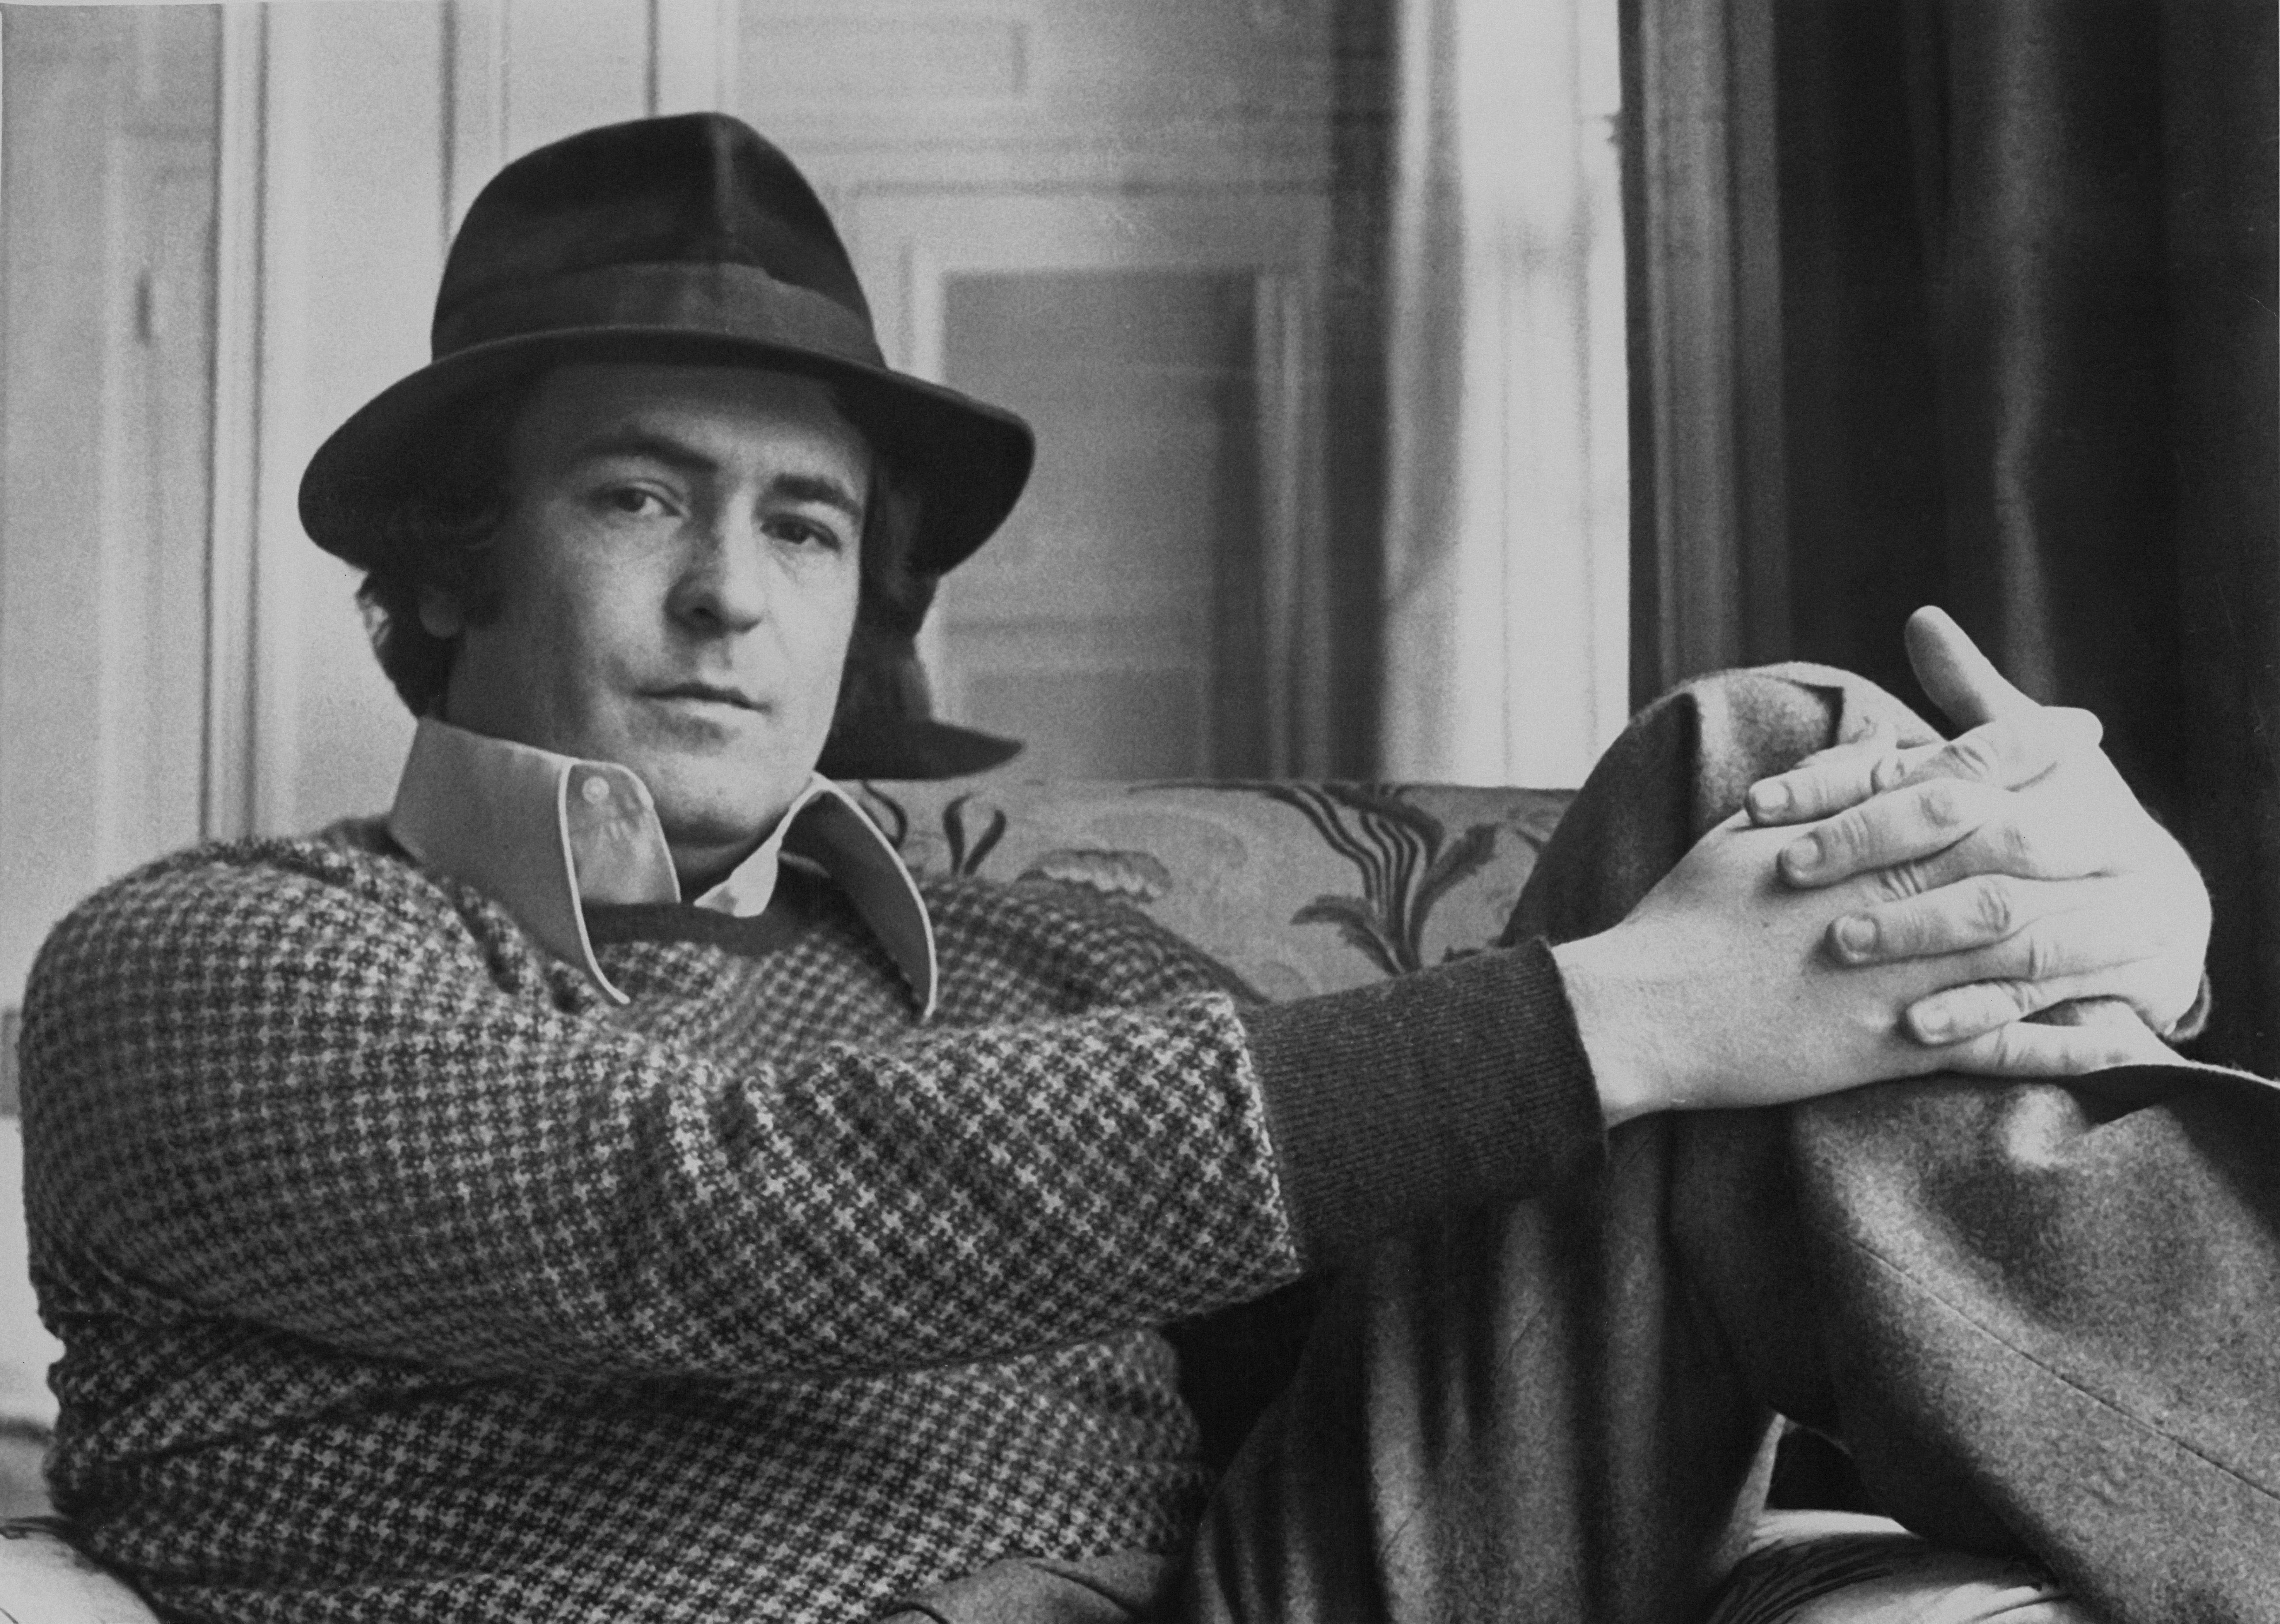 Бертолучи е бил с ясното намерение да направи така, че за всеки човек филма да значи нещо различно.Премиерата на кинотворбата е на 14 октомври 1972 г. на международния Нюйоркски кинофестивал. След това едновременно е показана вФранцияна 15 декември, докато въвСАЩтръгва на екран на 27 януари1973г. След това в продължение на 35 години филмът Последно танго в Париж е подлаган с настървение и страст на много критически дисекции, анализи и оценки.И днес филмът си остава сред най-дискутираните и спорни постижения на световното кино.